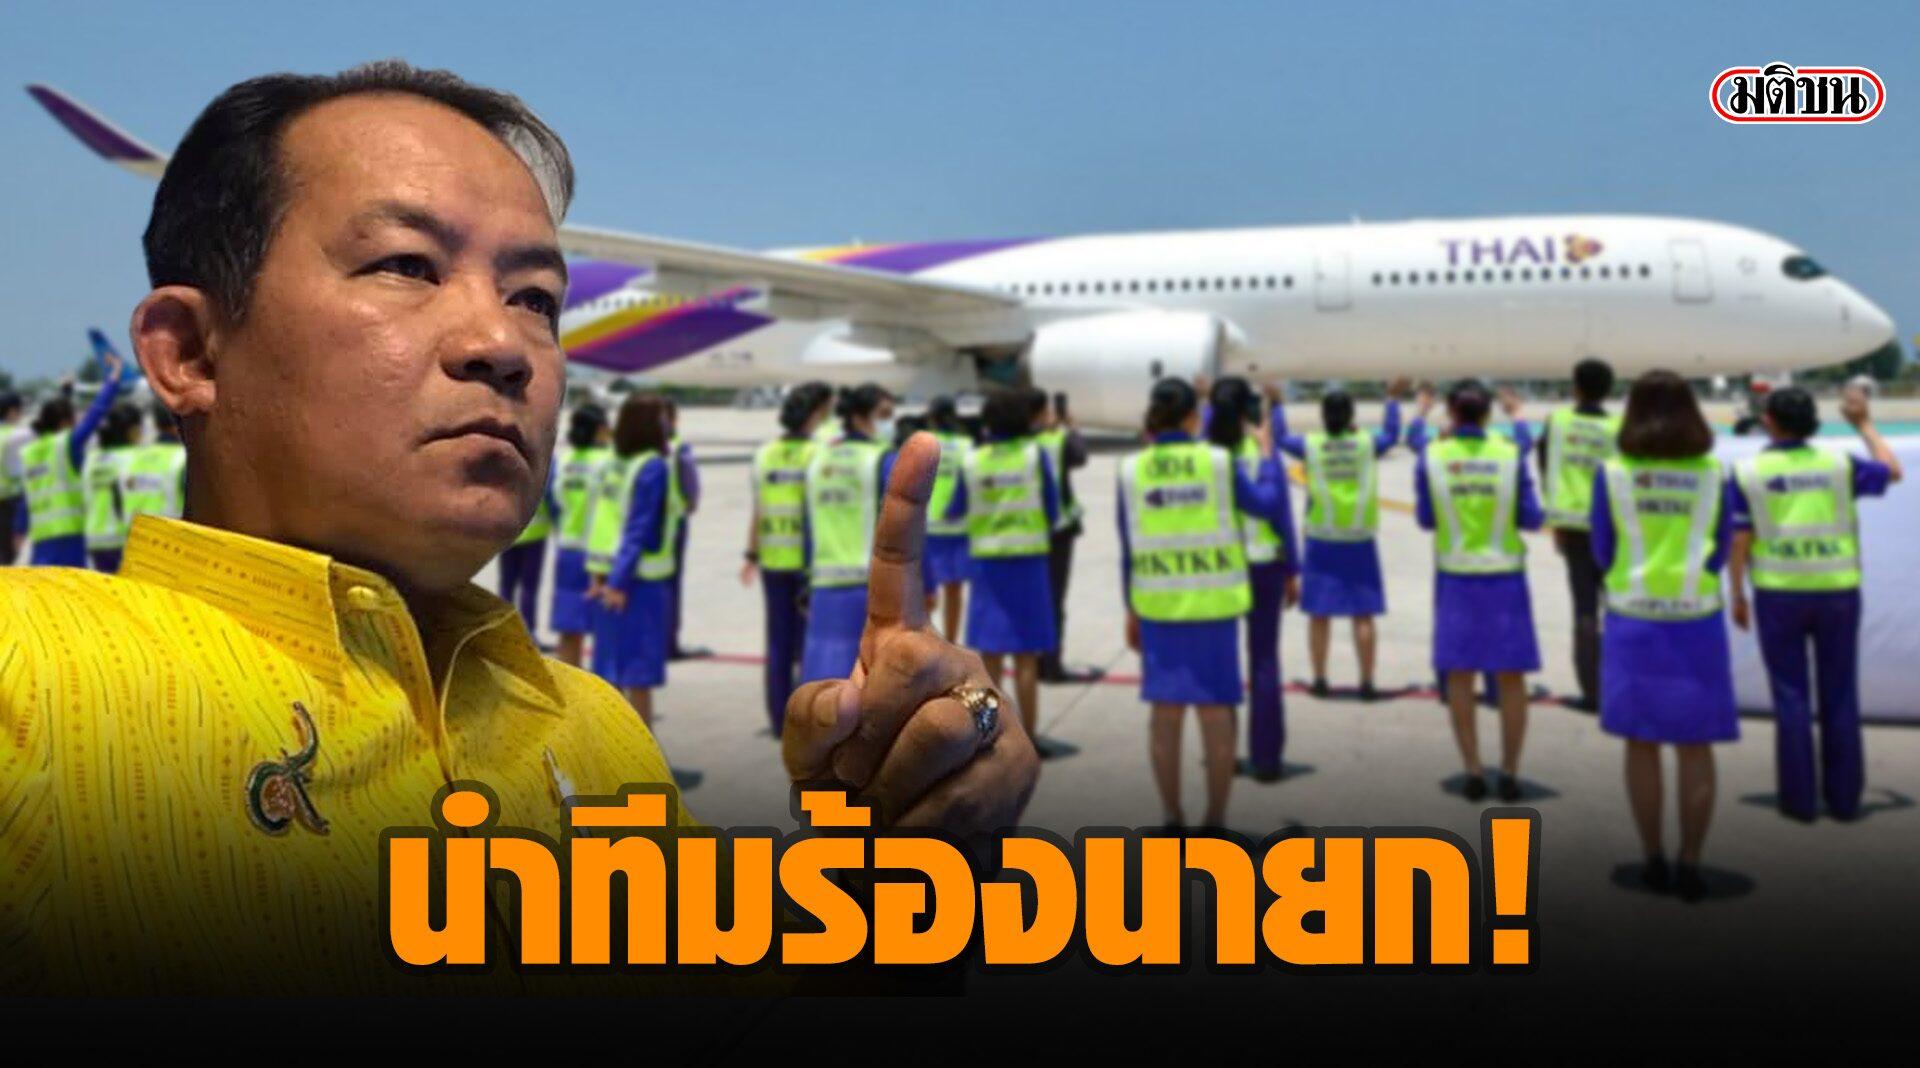 ศรีสุวรรณ จ่อนำสหภาพฯบินไทย ร้องนายกฯ ค้านแผนการผ่าการบินไทย